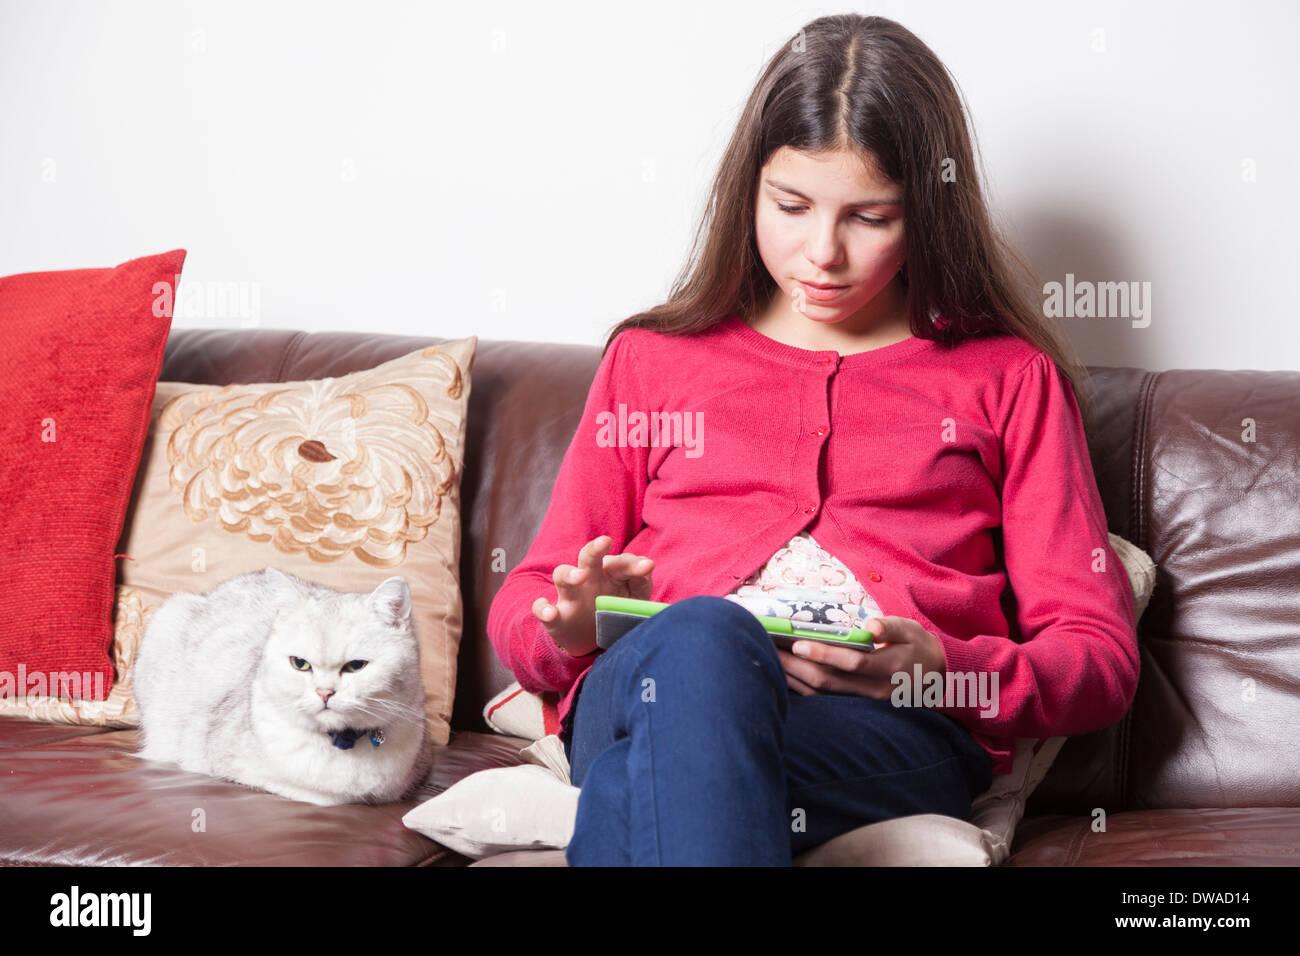 Teenager-Mädchen Surfen im Internet auf einem tablet Stockbild